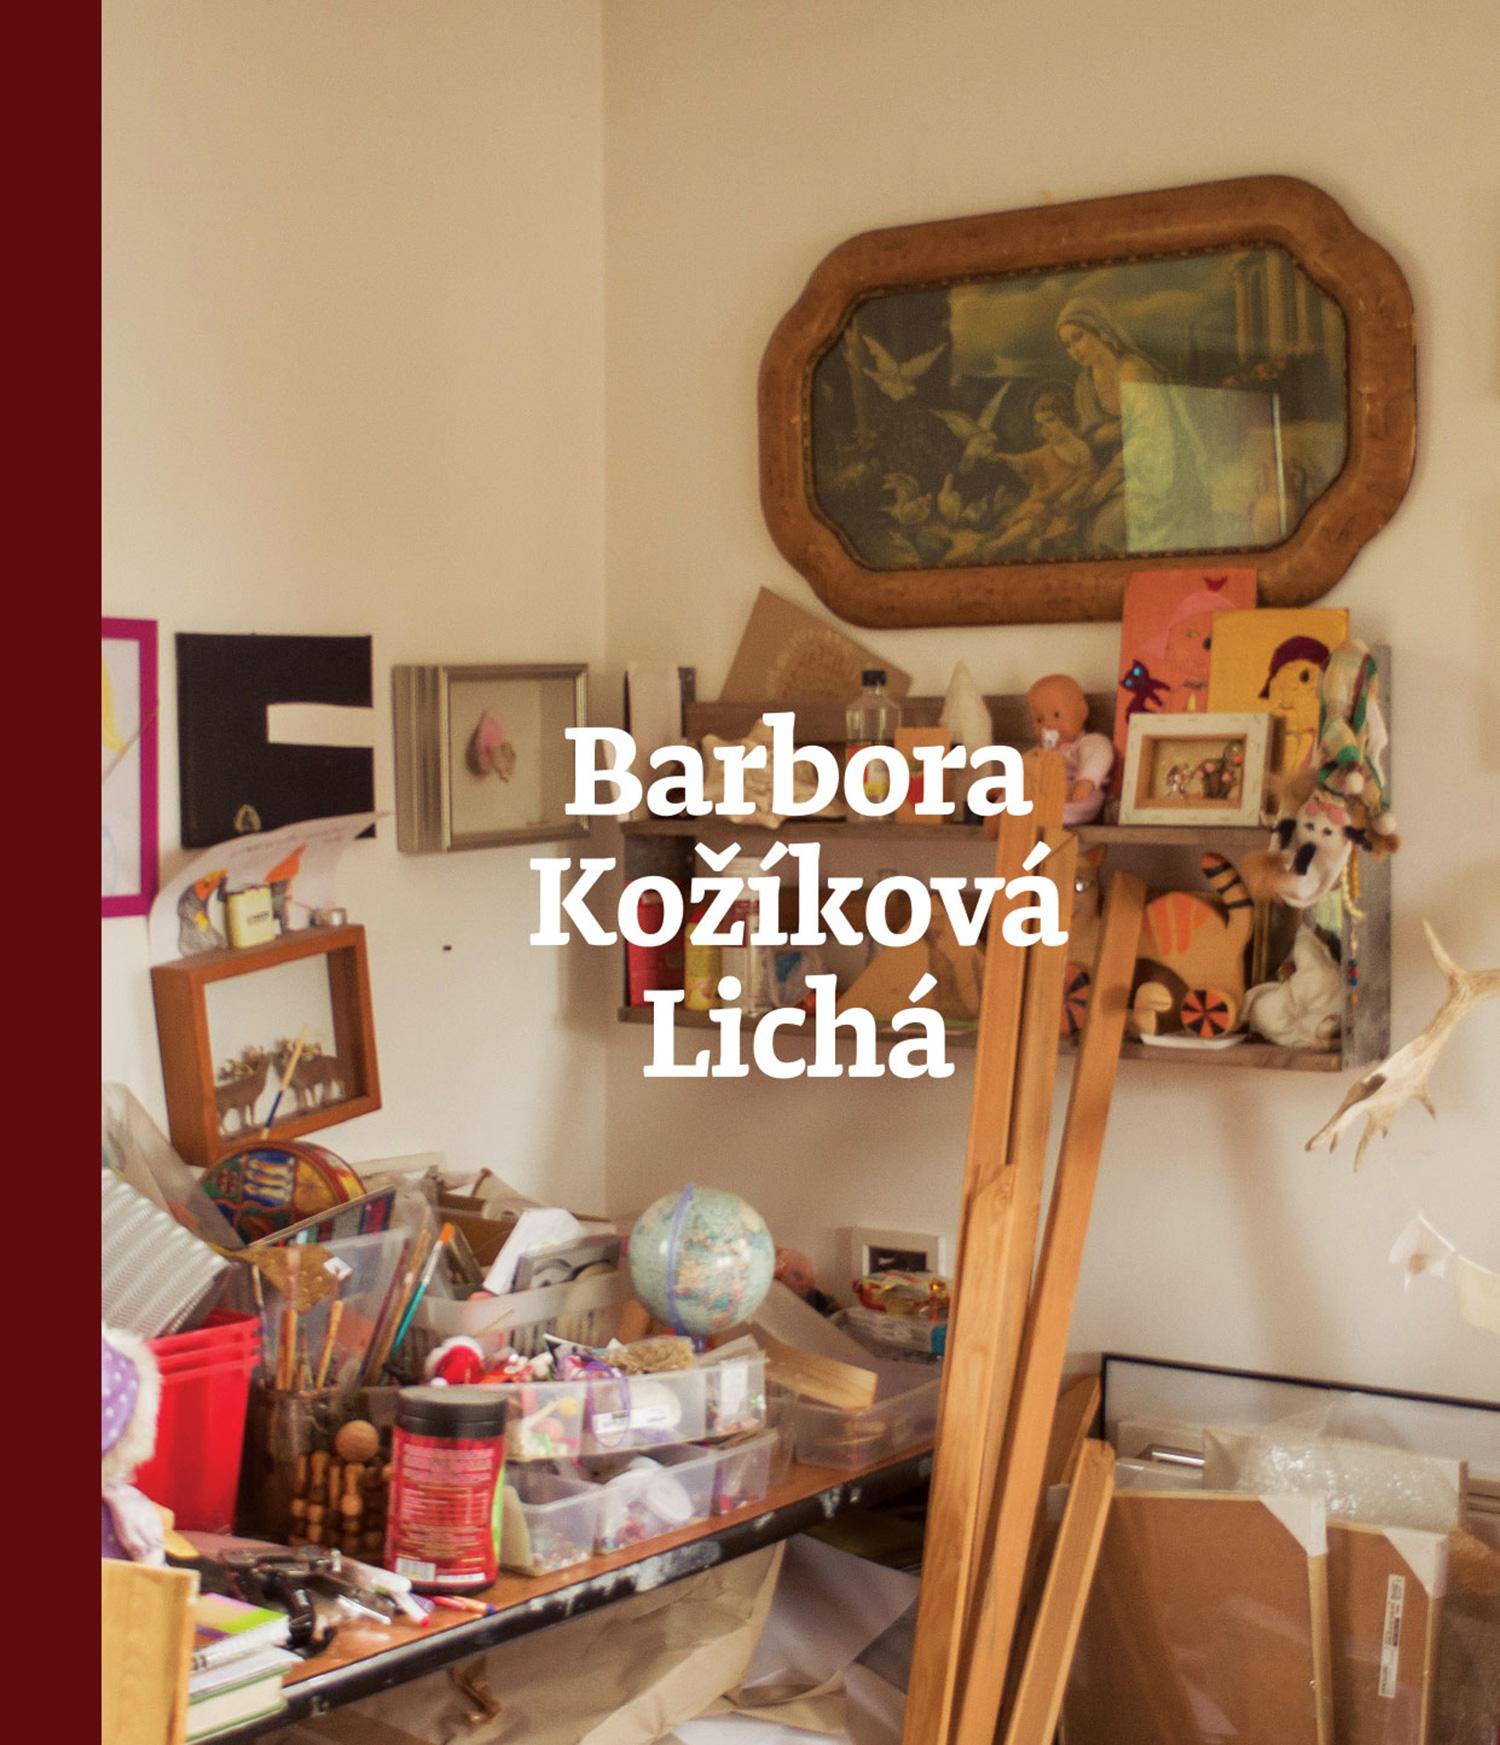 Barbora Kožíková Lichá, layout, 2018